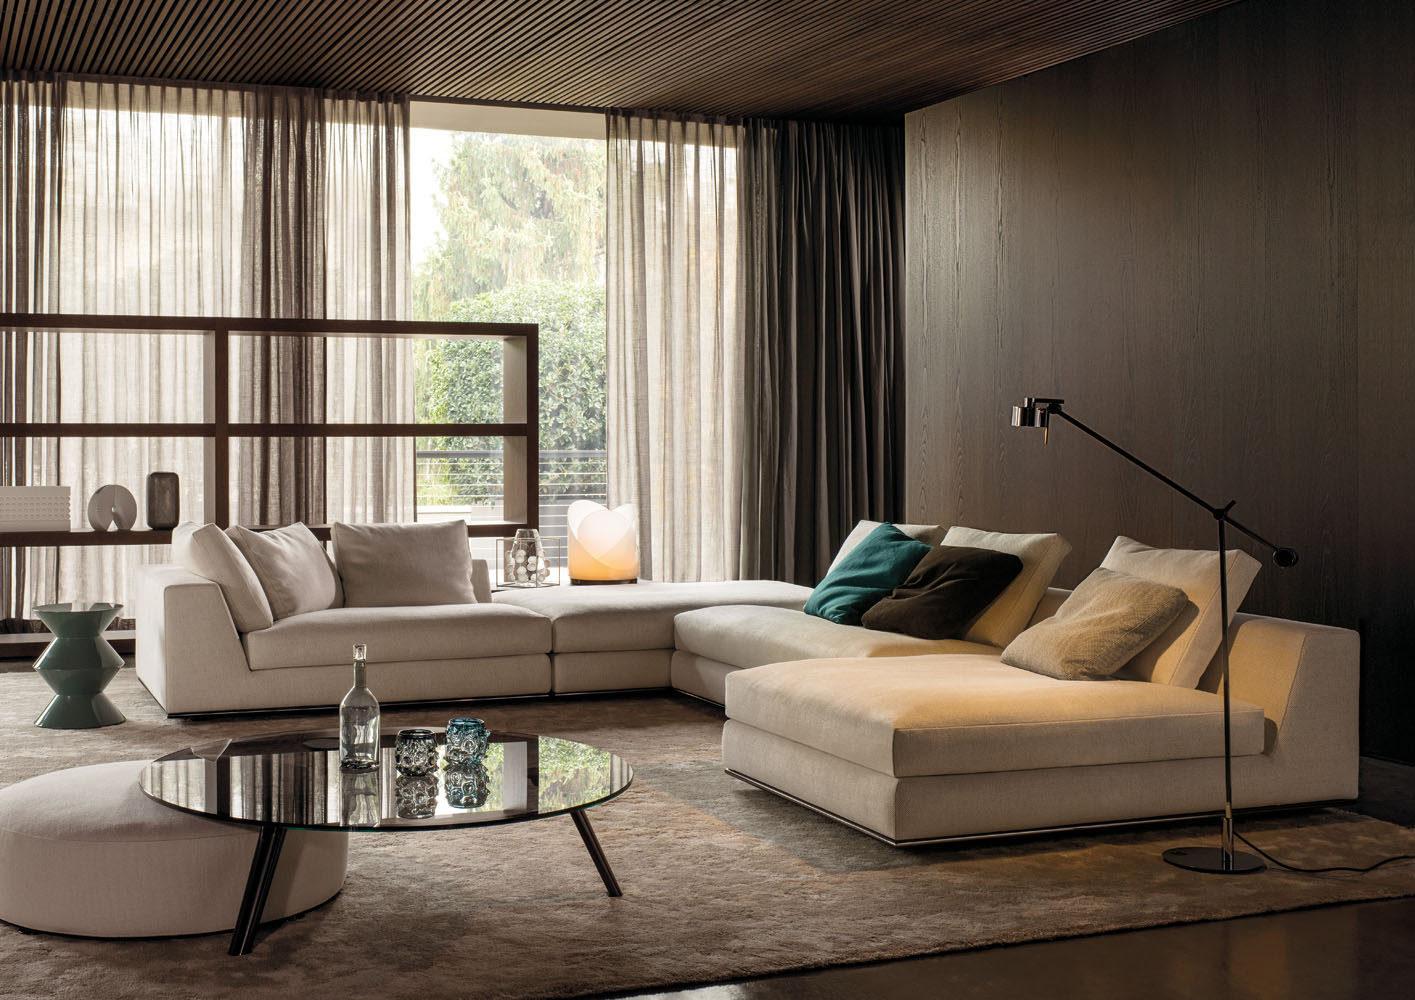 hamilton modulo designed by rodolfo dordoni minotti orange skin. Black Bedroom Furniture Sets. Home Design Ideas